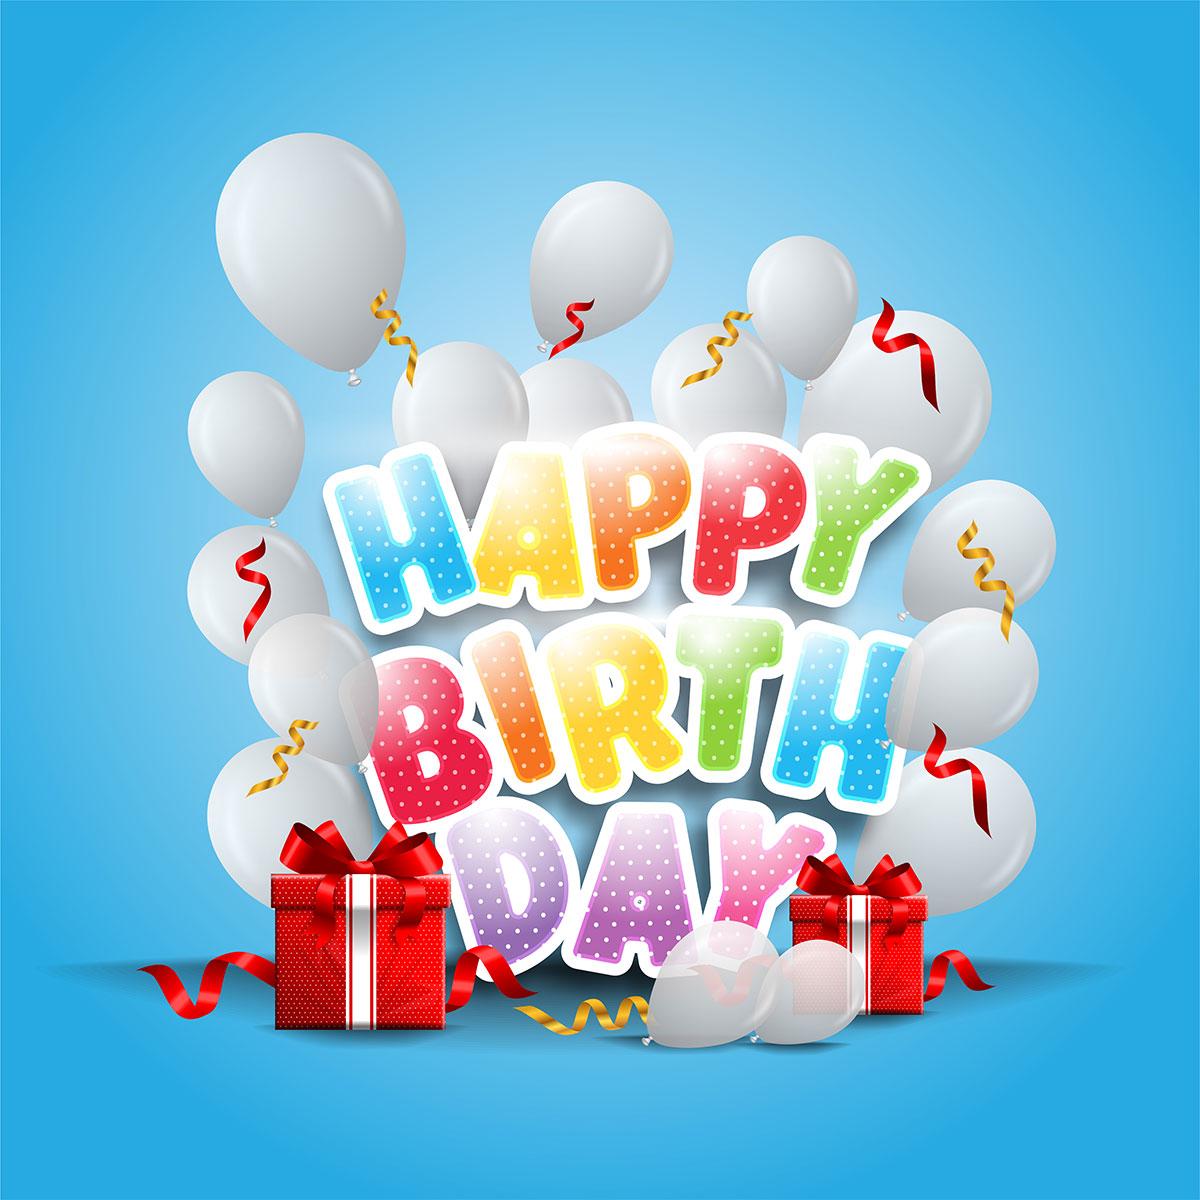 Голубая открытка с белыми воздушными шарами и текстом с днем рождения на английском языке.